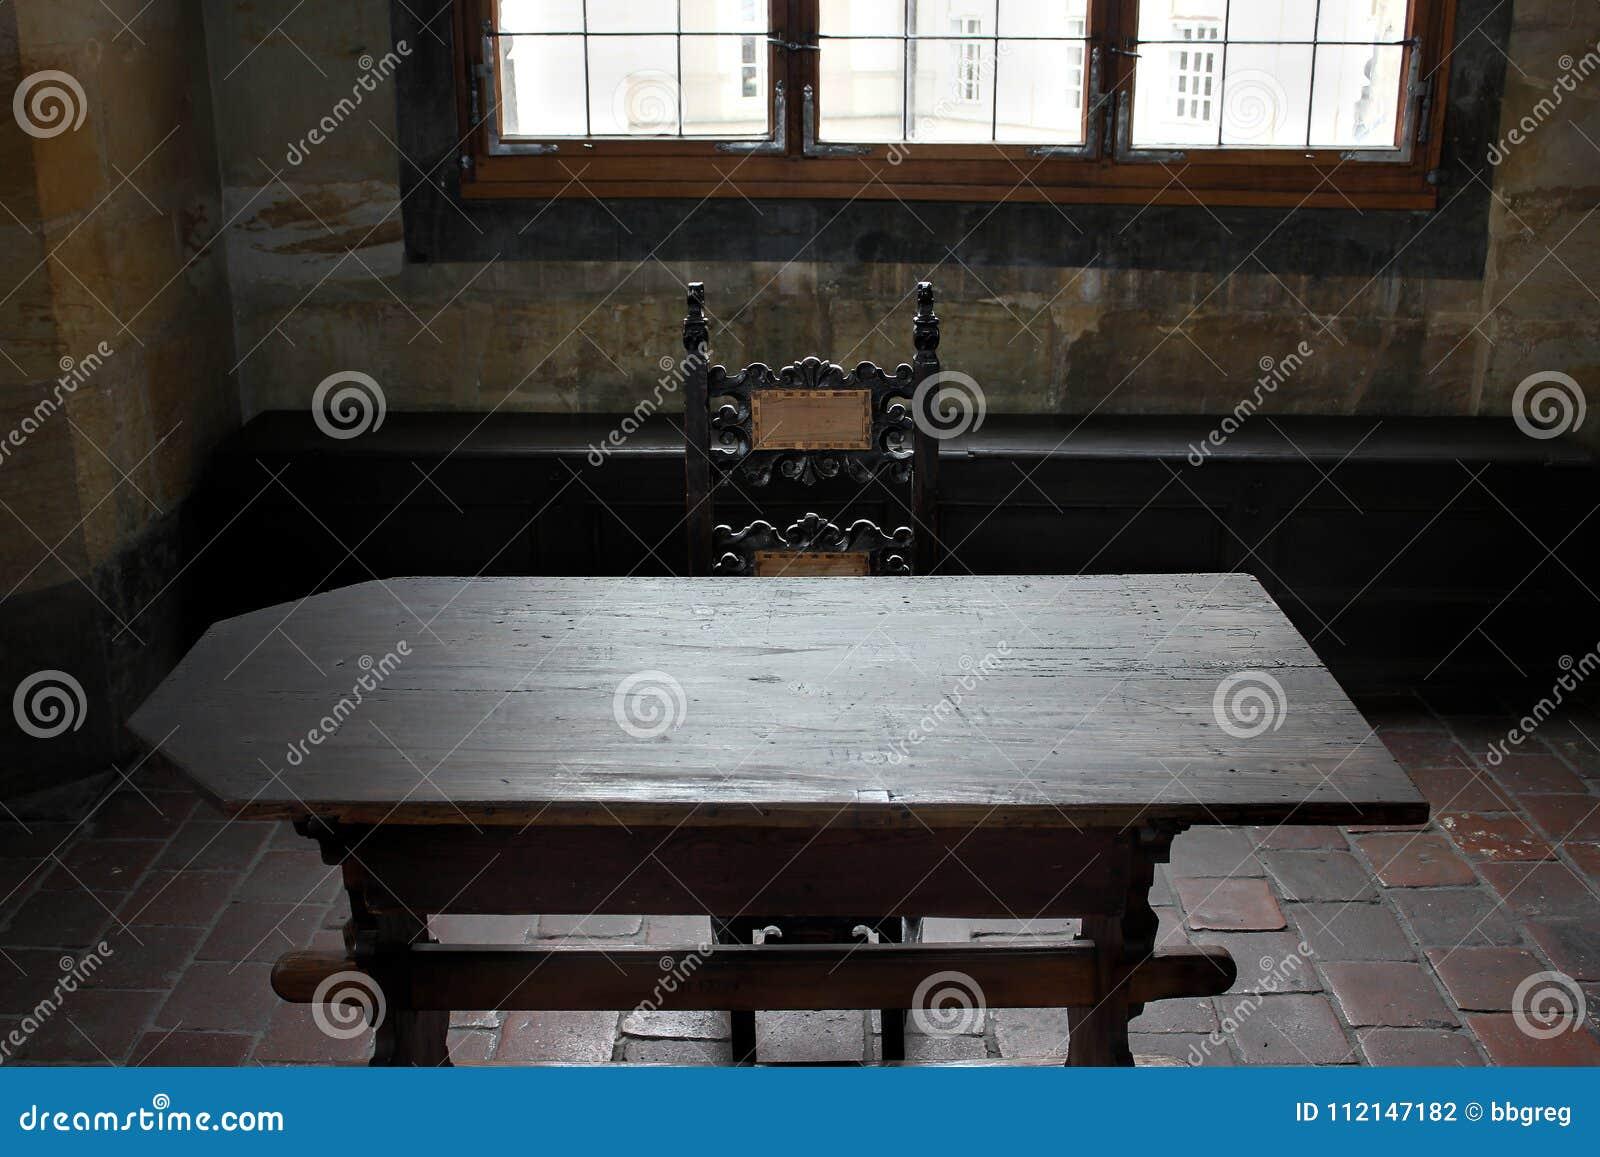 Исторический интерьер с деревянной мебелью, декоративным потолком, деревянным полом, картинами на стенах и окнами на средневеково